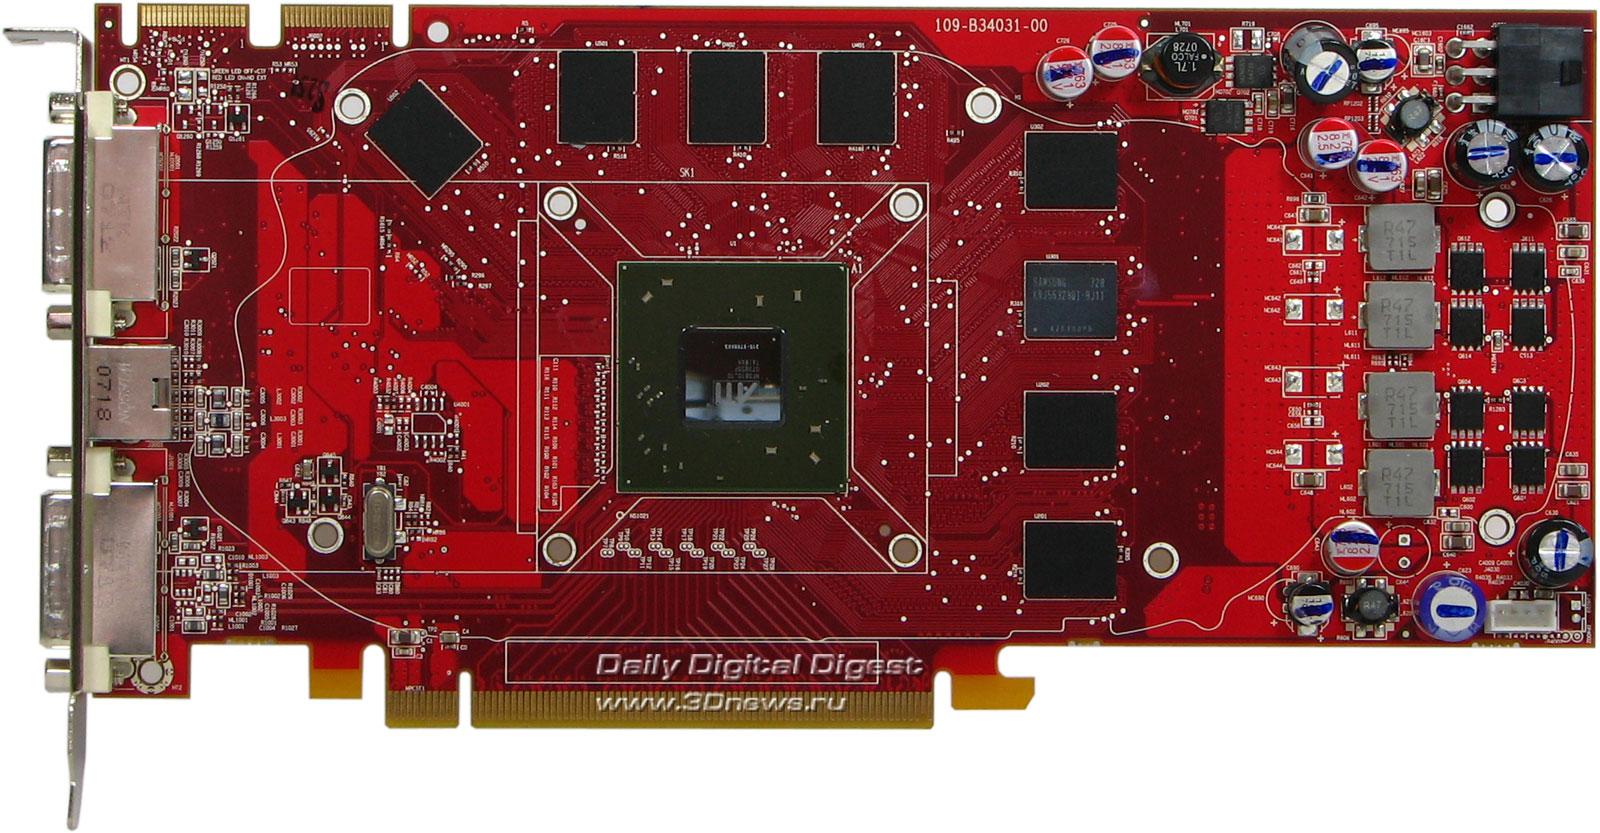 Драйвера Ati Radeon Hd 3800